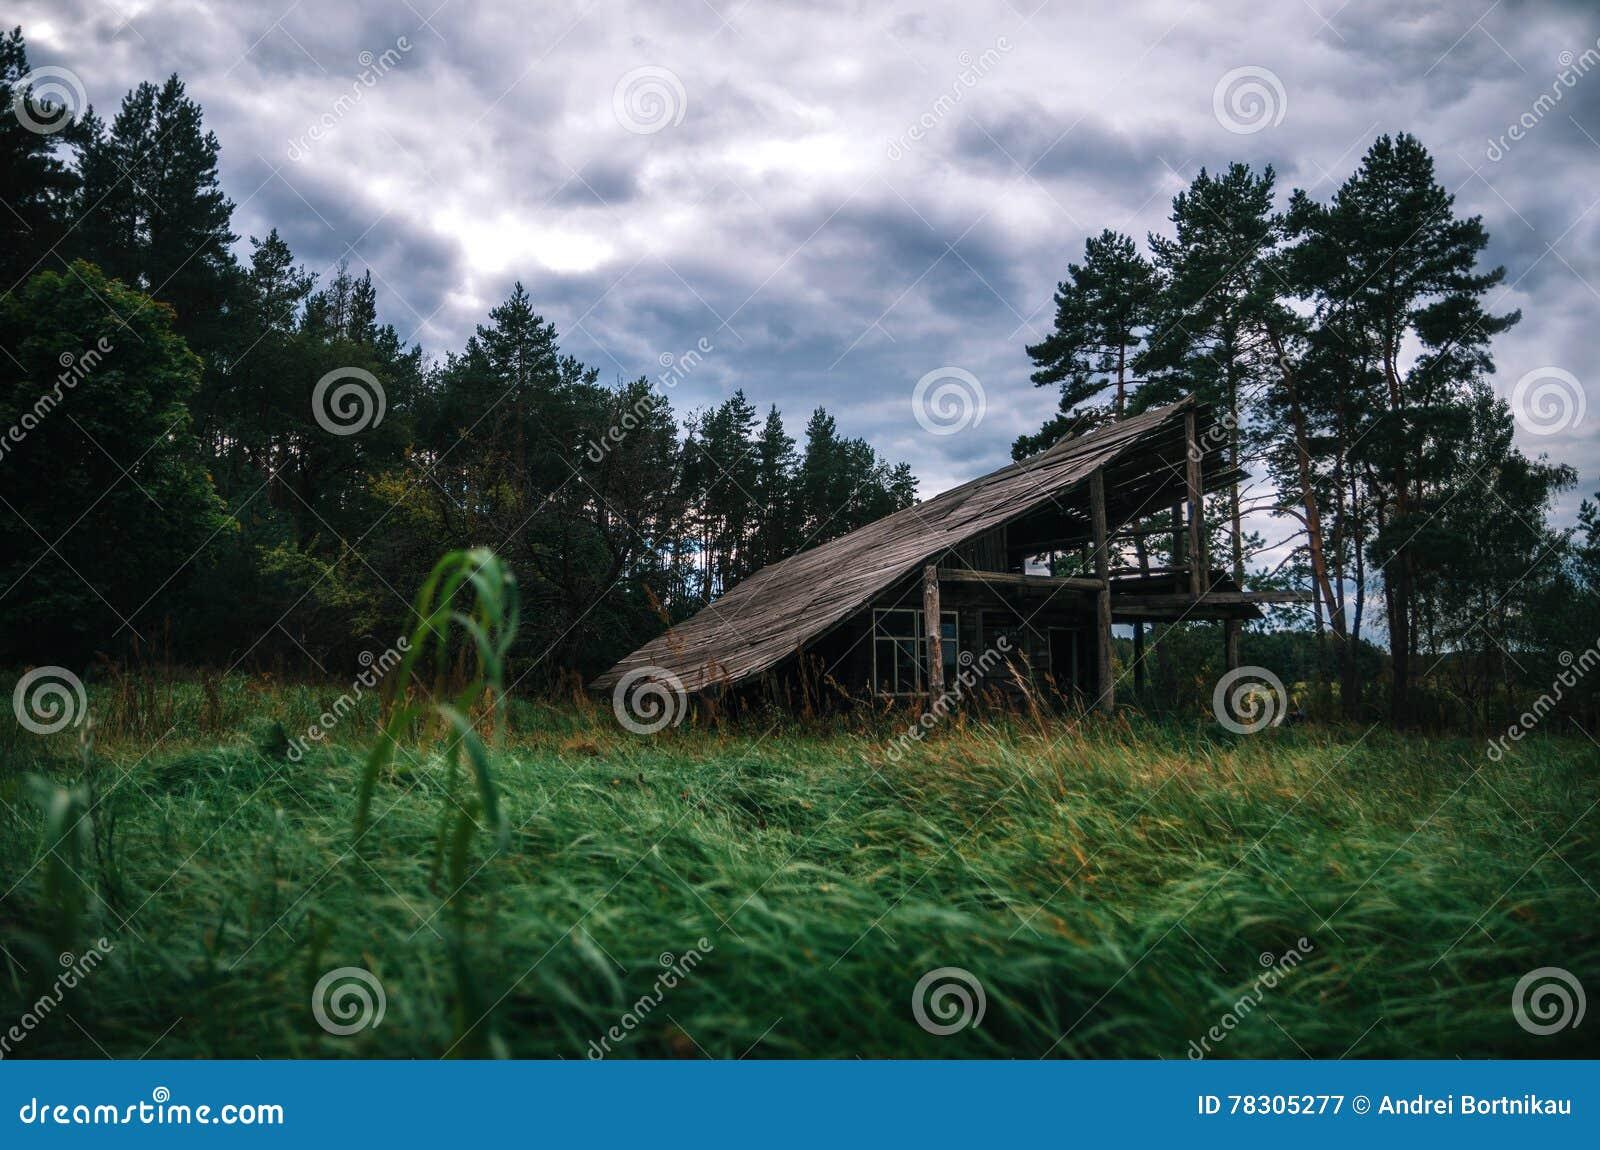 Casa abandonada de madera fantasmagórica en bosque espeluznante en el crepúsculo